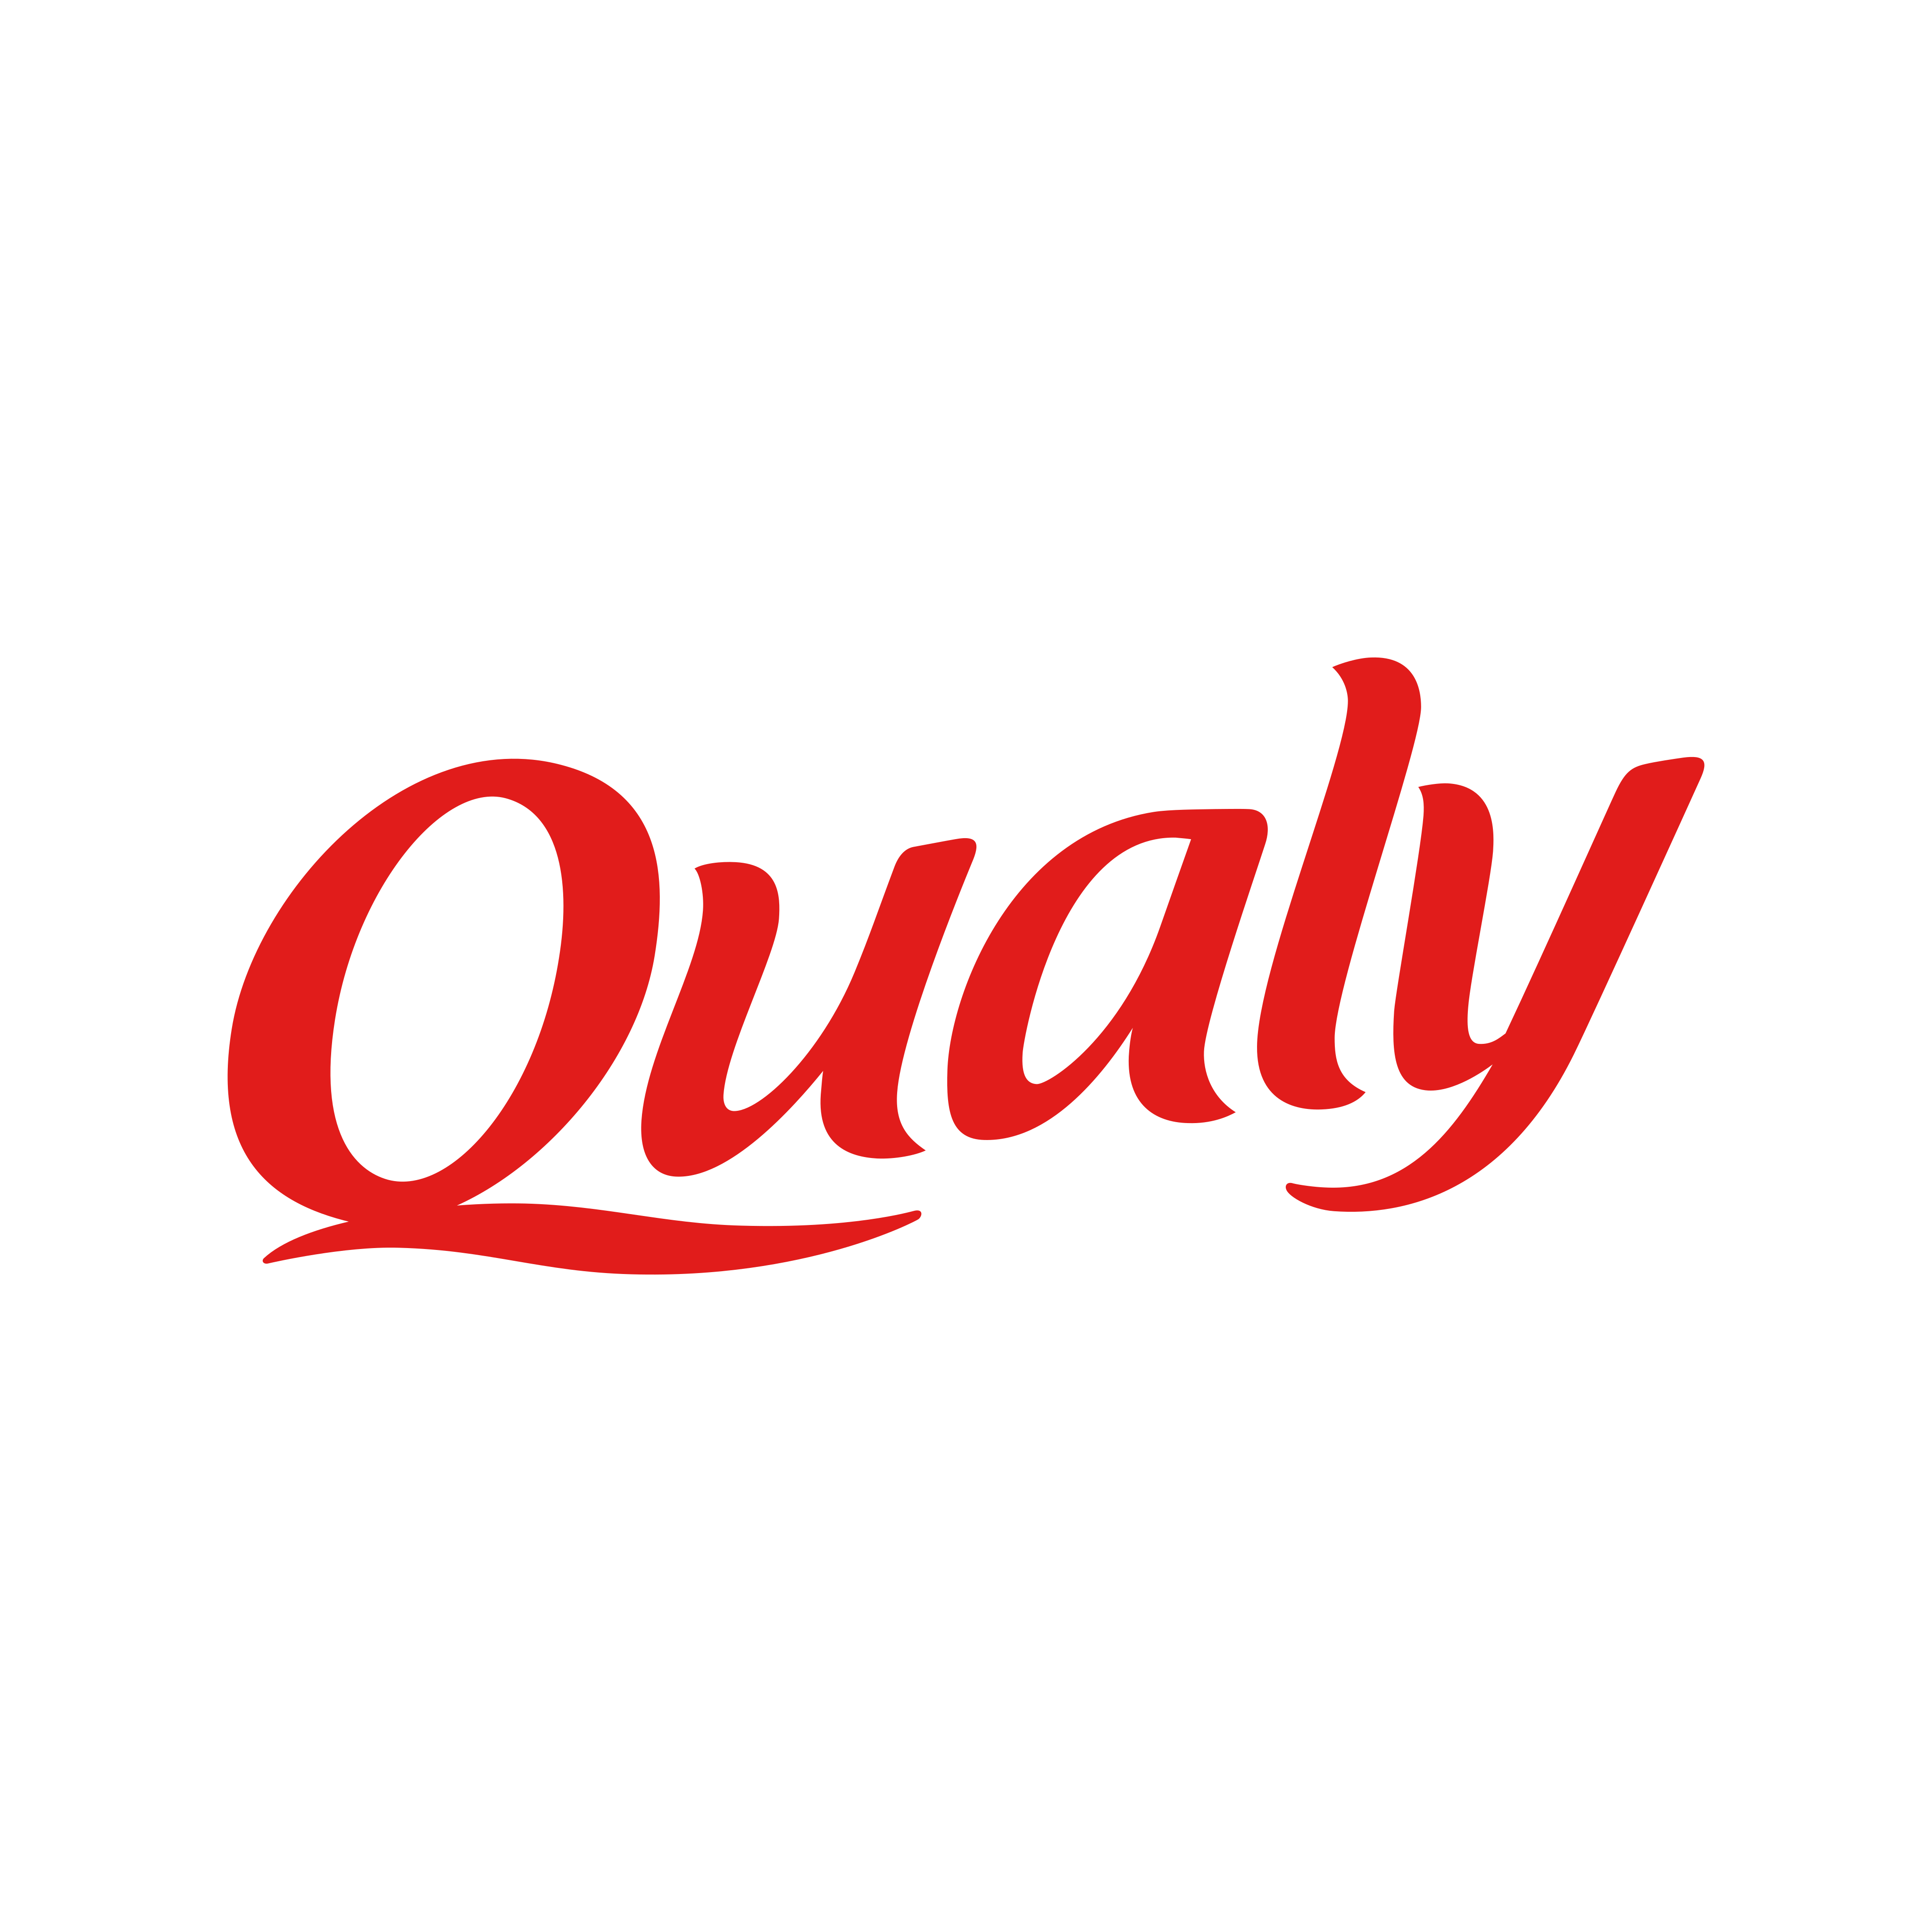 qualy logo 0 - Qualy Logo